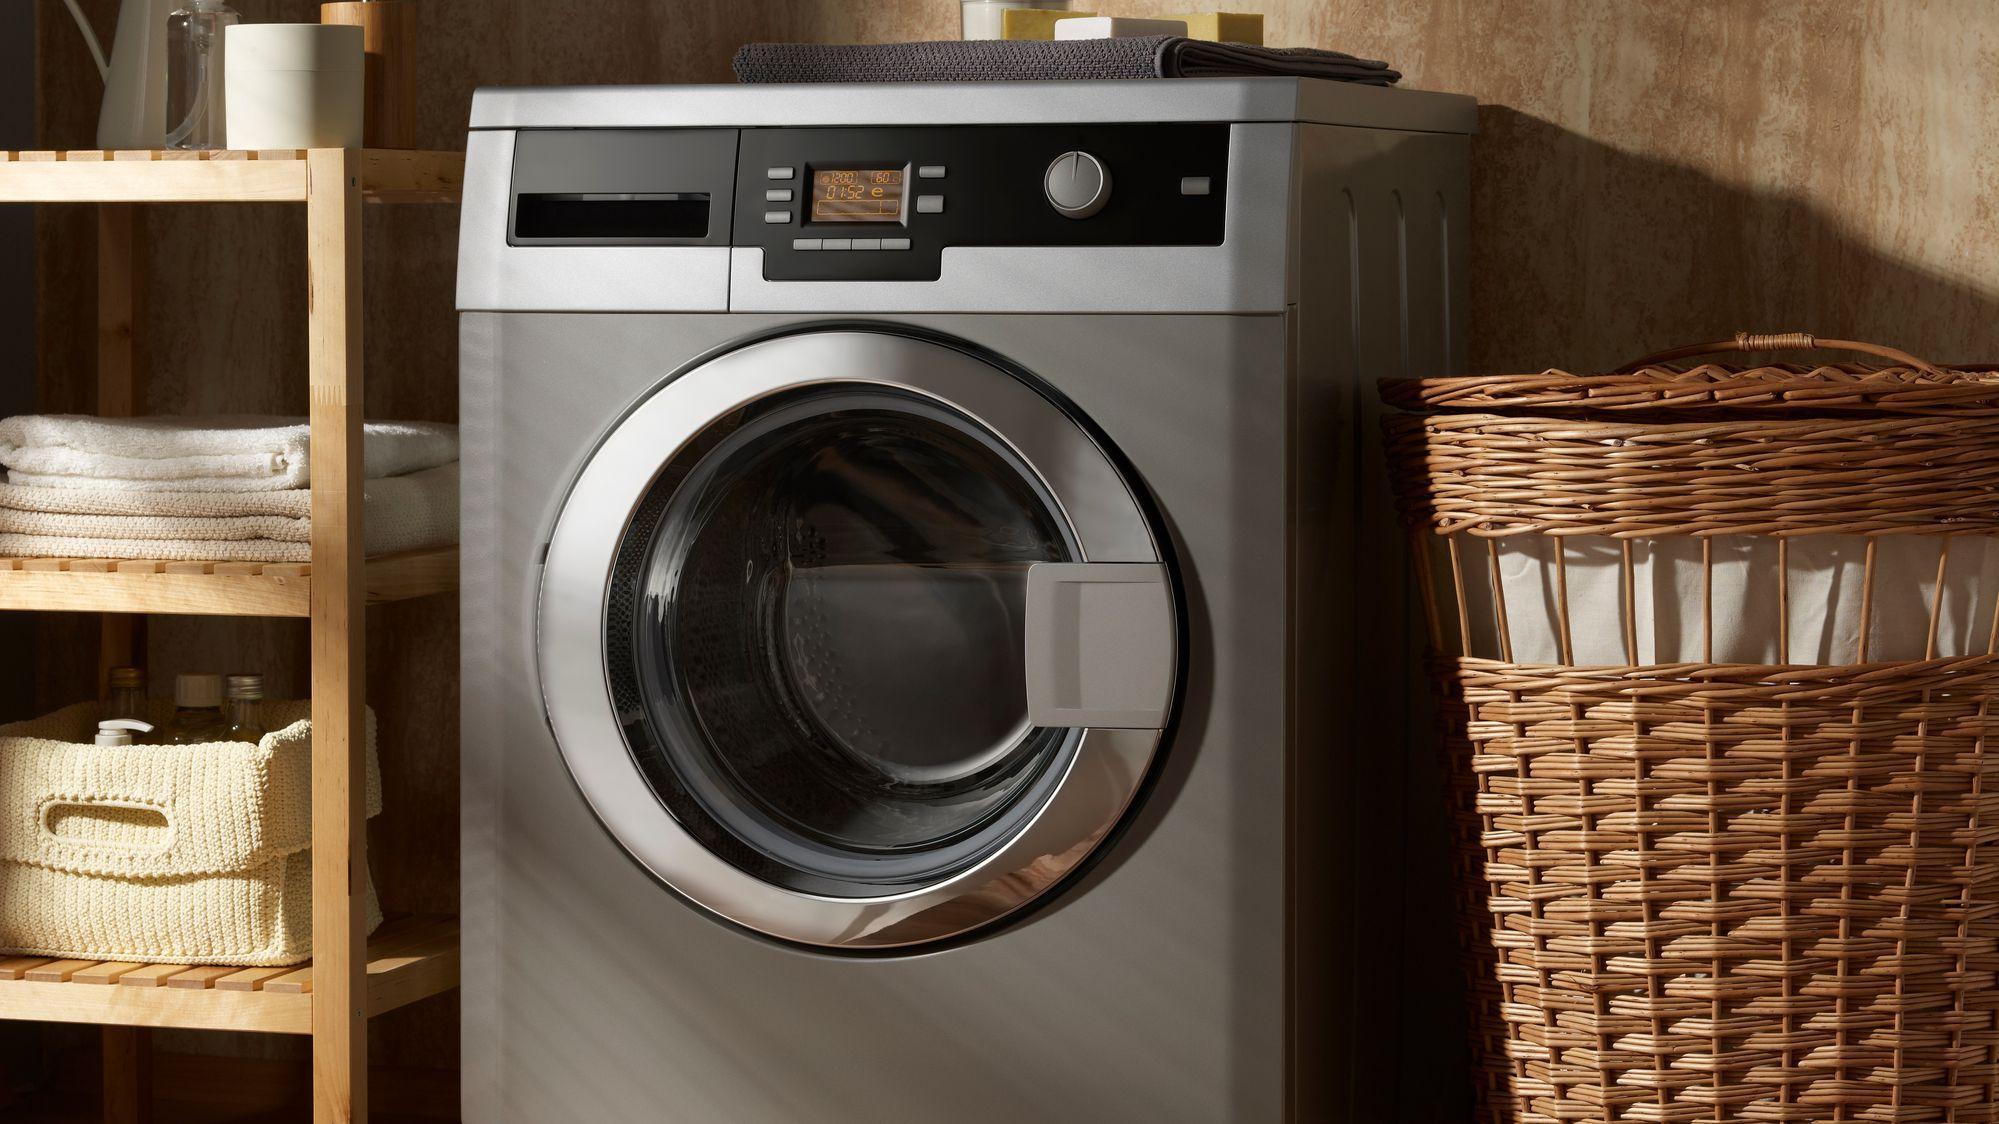 เครื่องซักผ้ายี่ห้อไหนดี